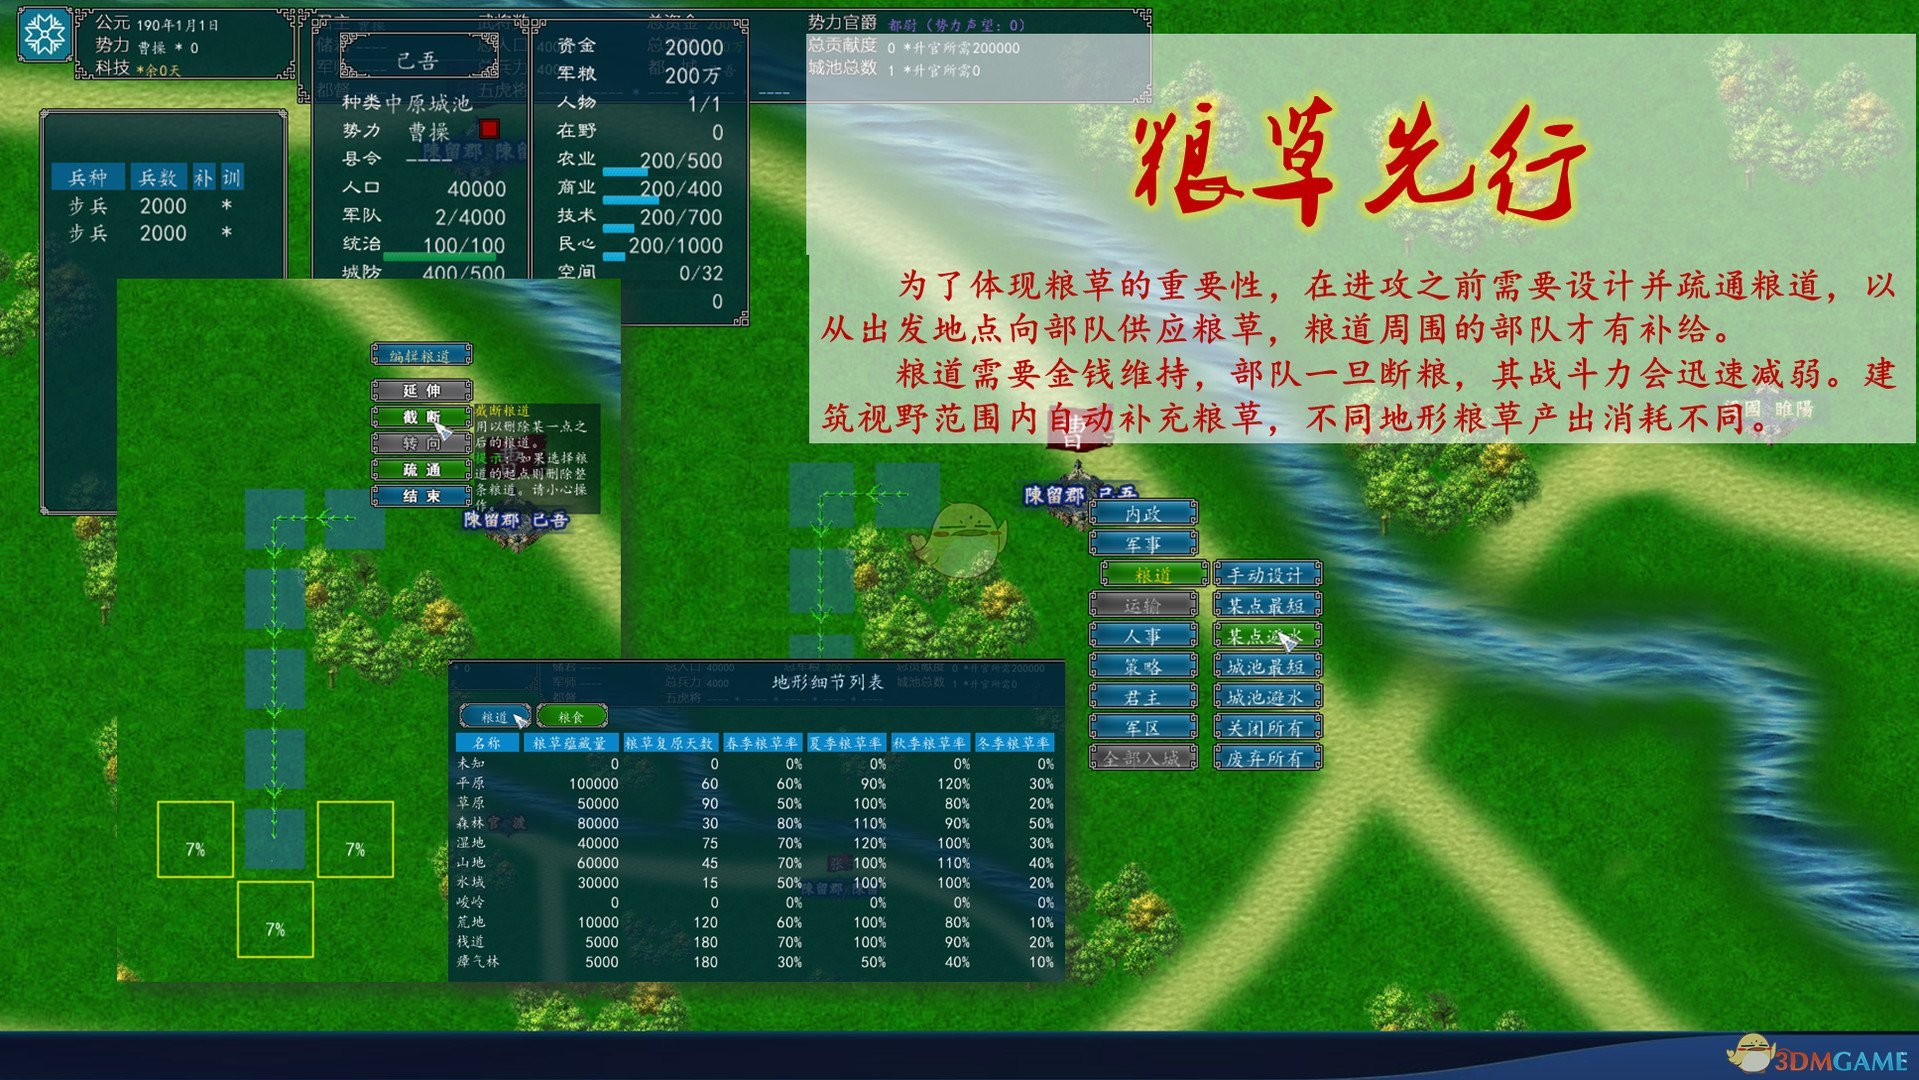 《中华三国志》年龄影响能力选项机制介绍